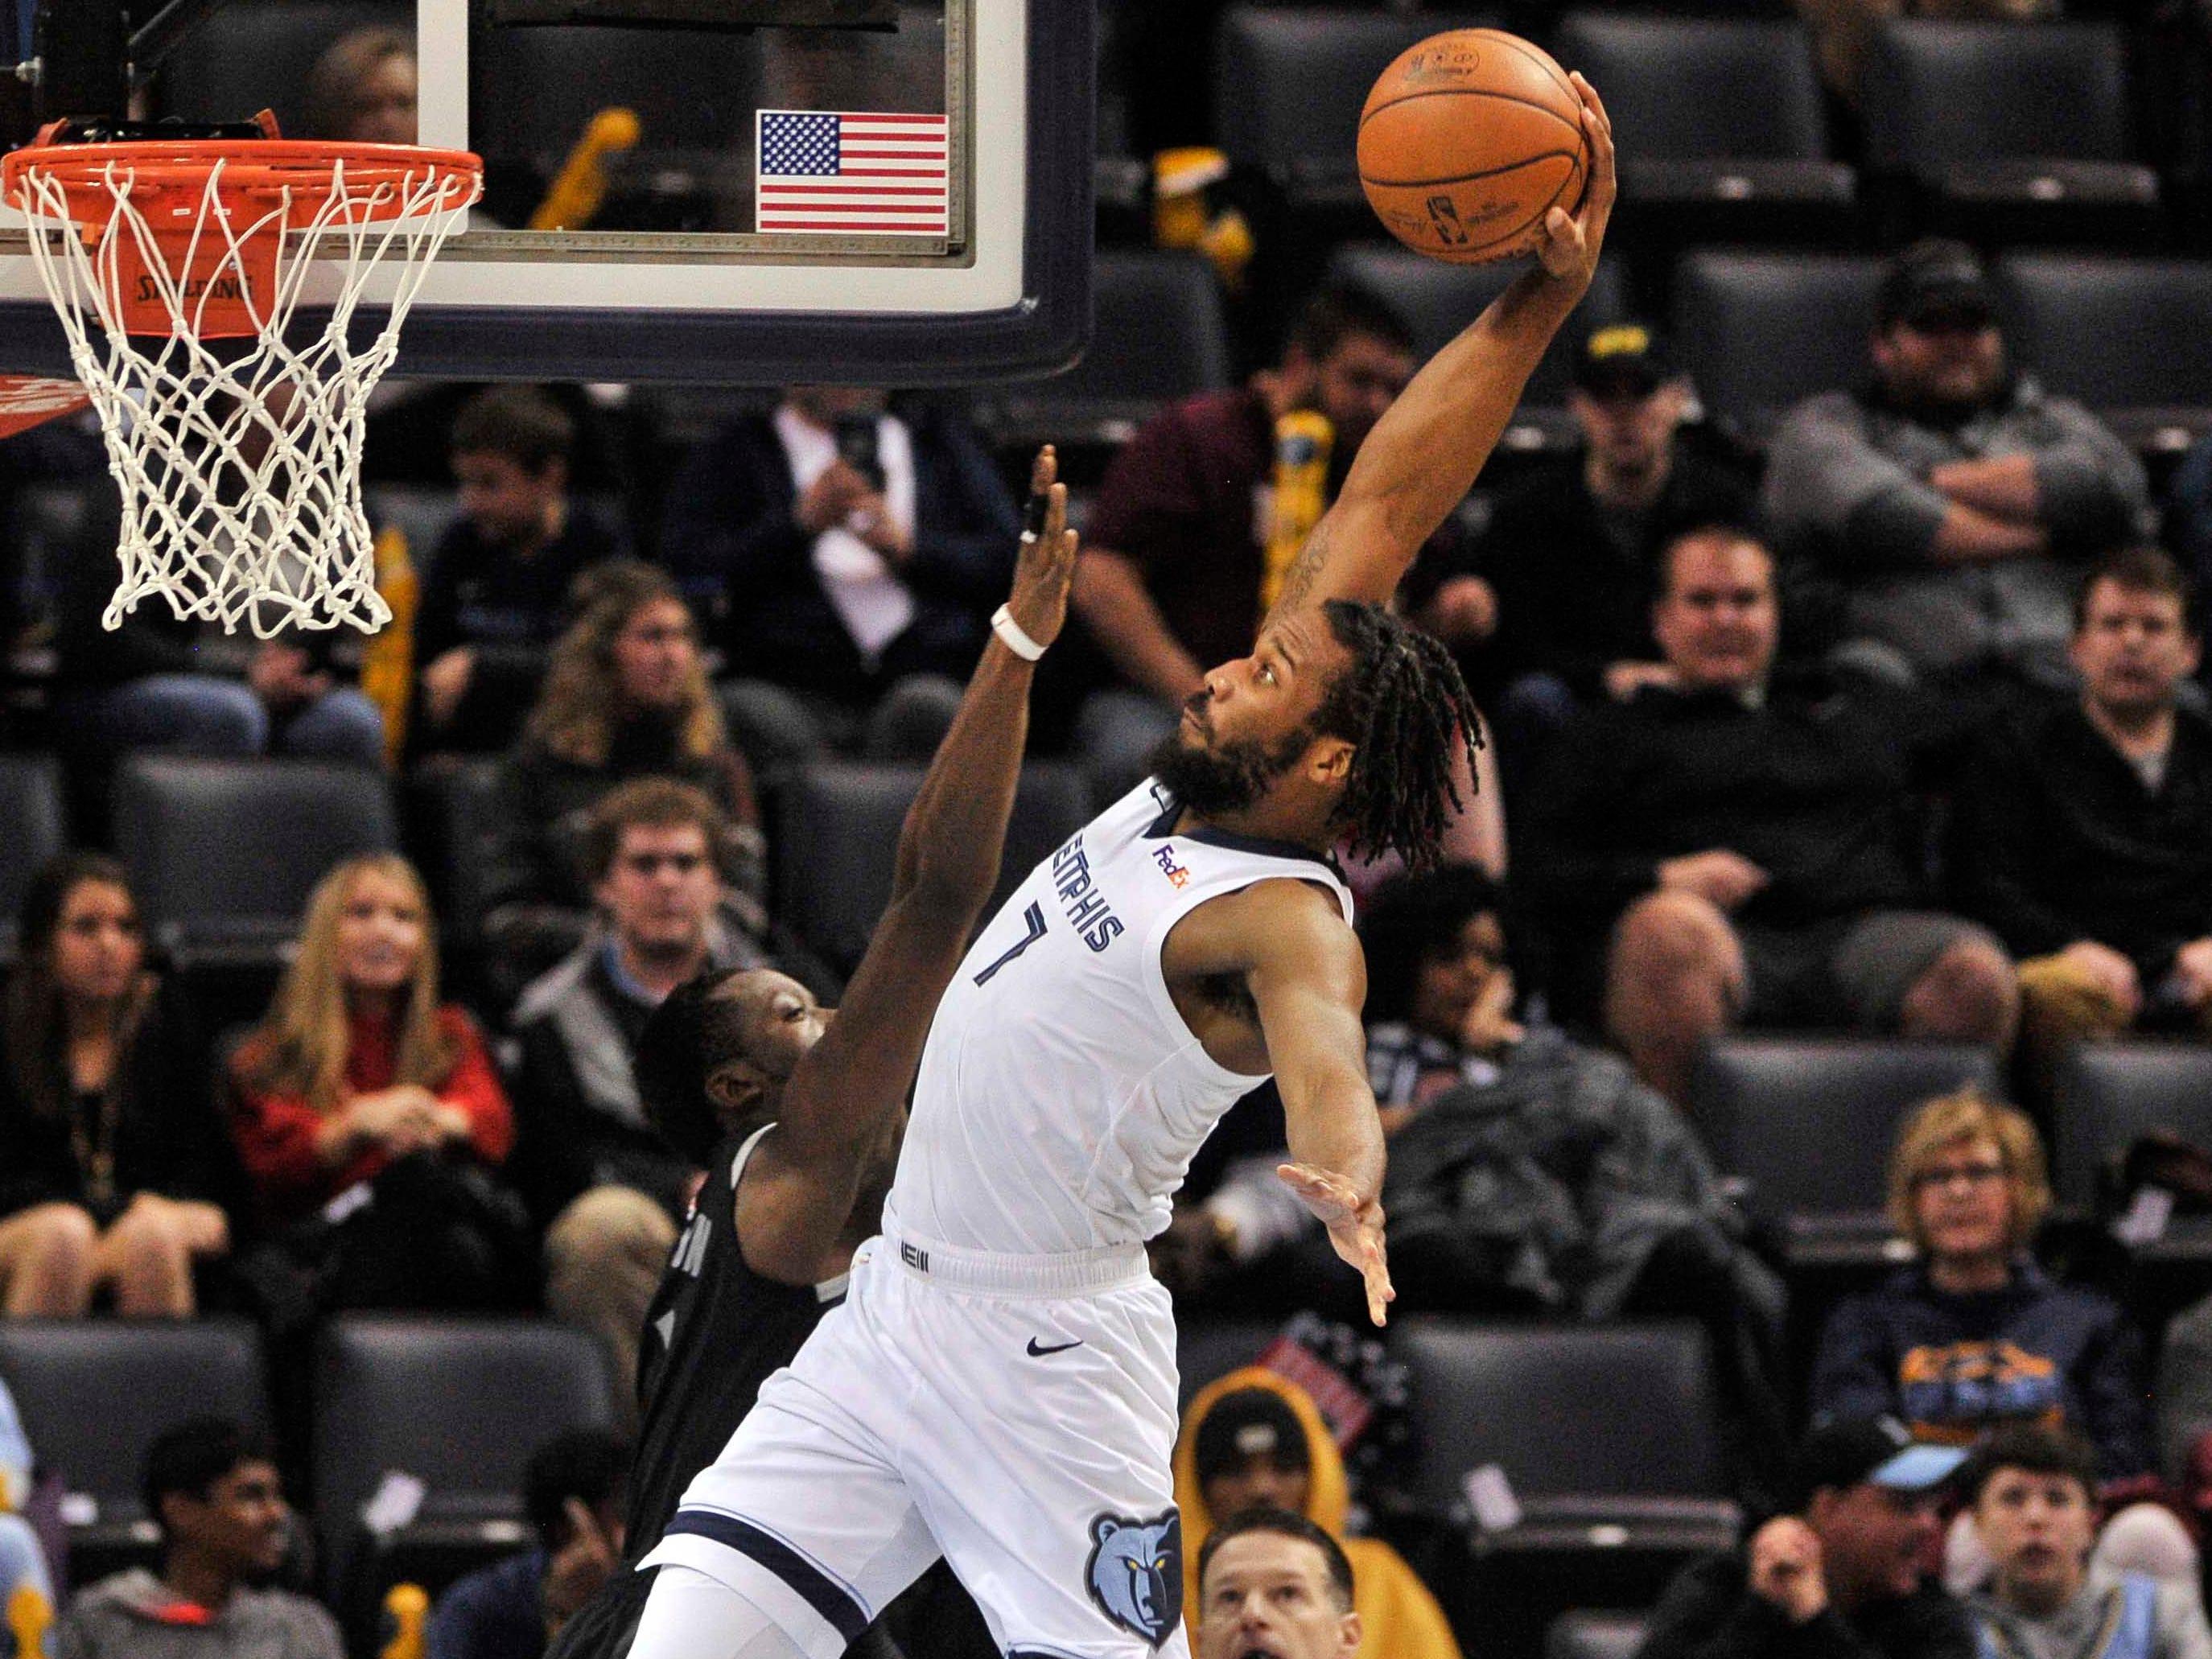 Jan. 2: Grizzlies guard Wayne Selden (7) hammers it home with authority over Pistons defender Reggie Jackson (1).